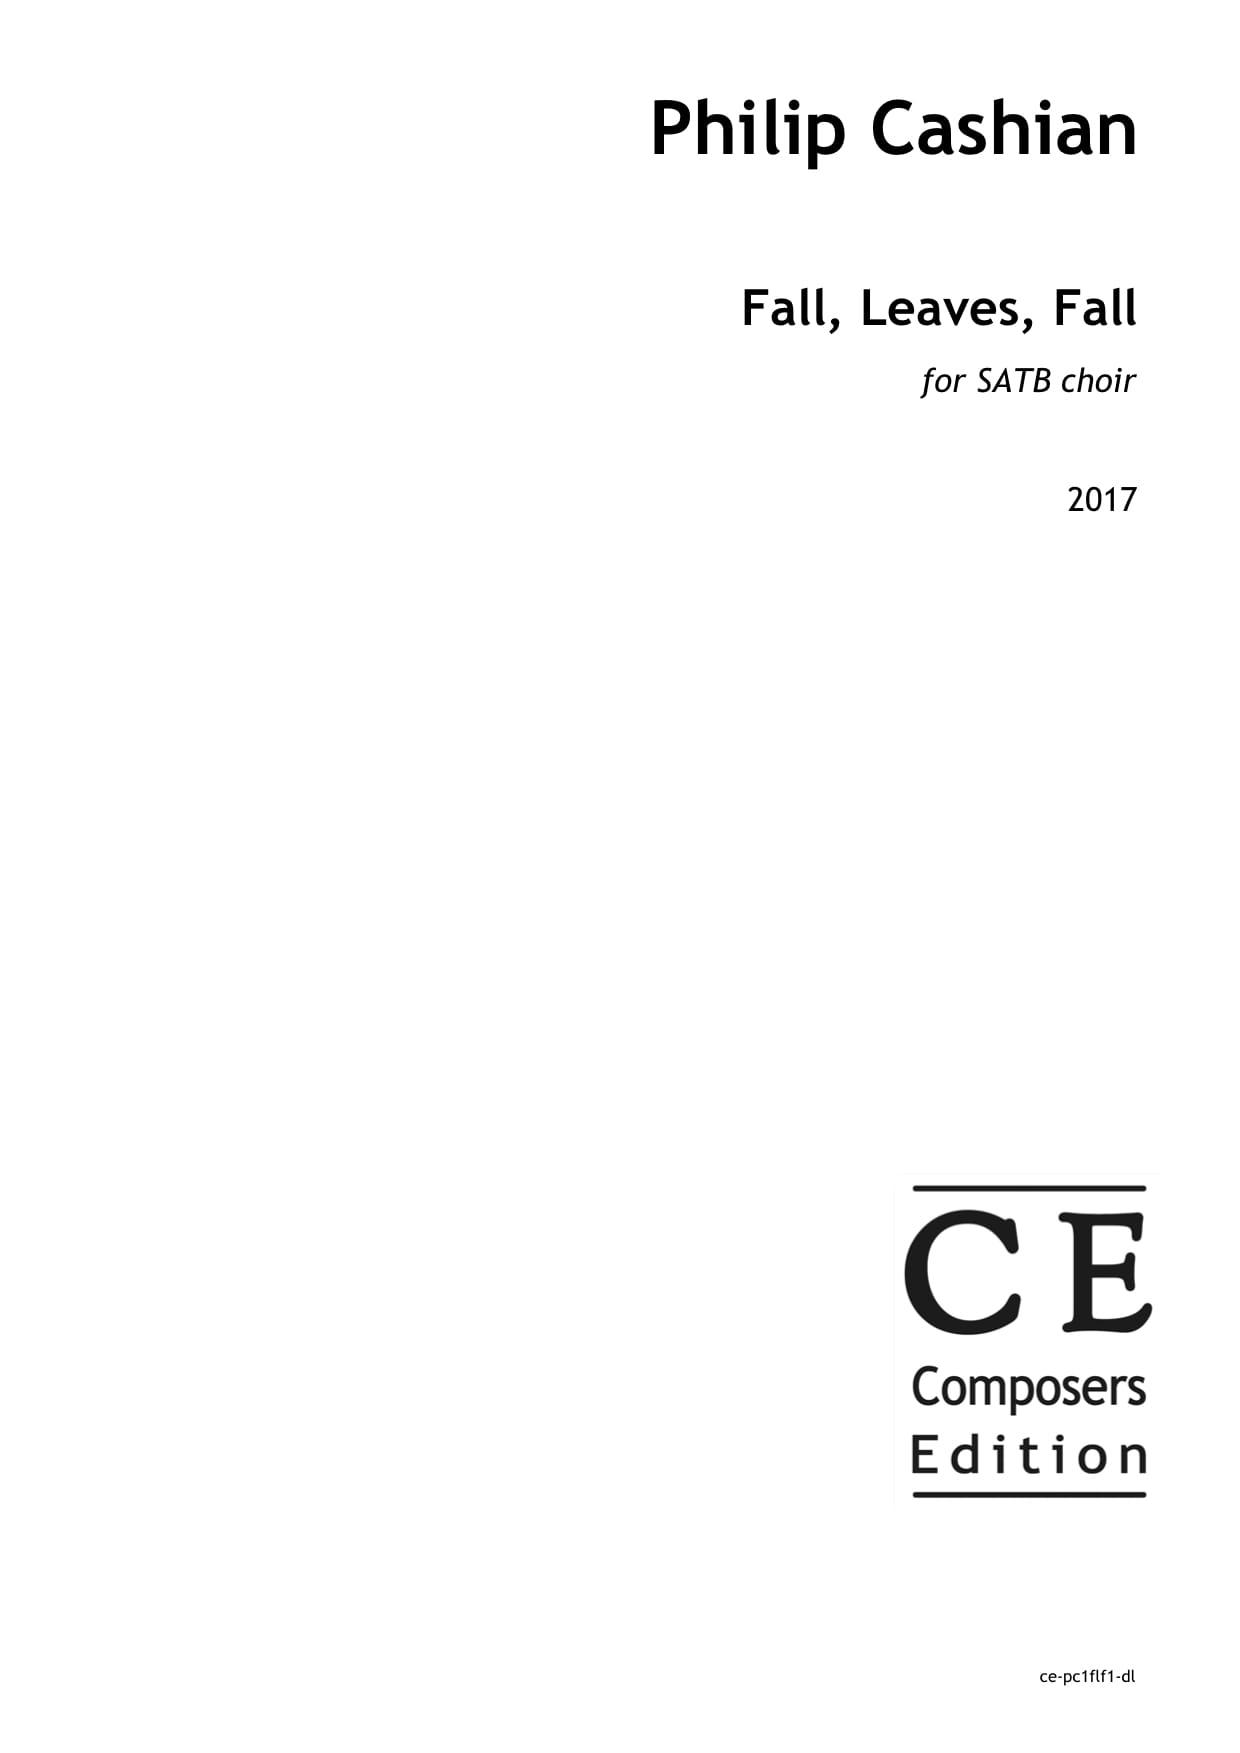 Philip Cashian: Fall, Leaves, Fall for SATB choir